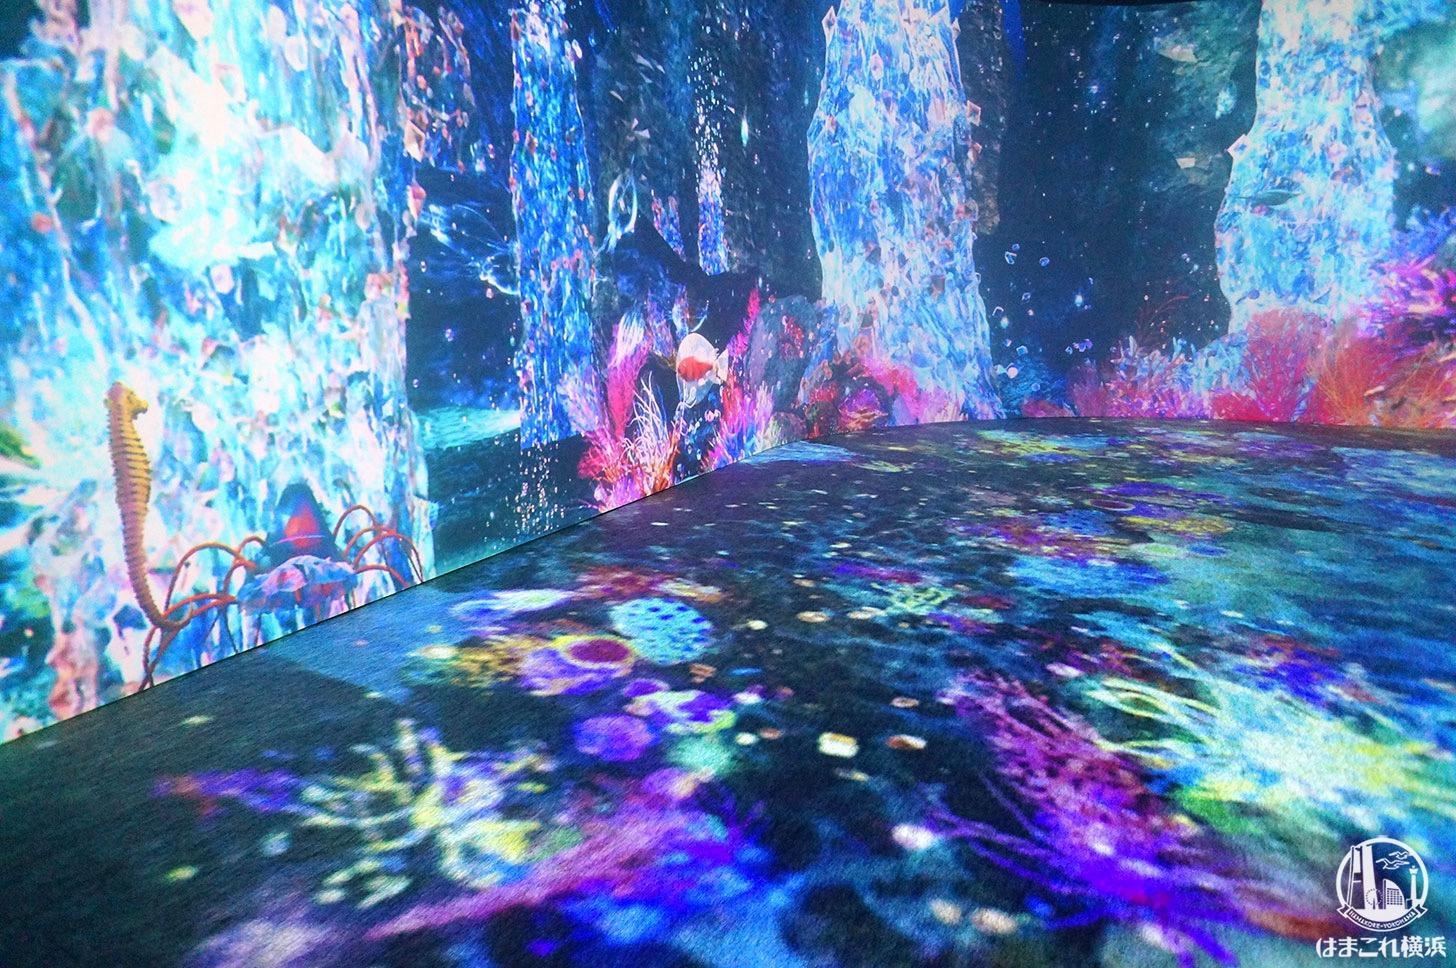 オーシャン バイ ネイキッド 光の深海展「インタラクティブコンテンツ」